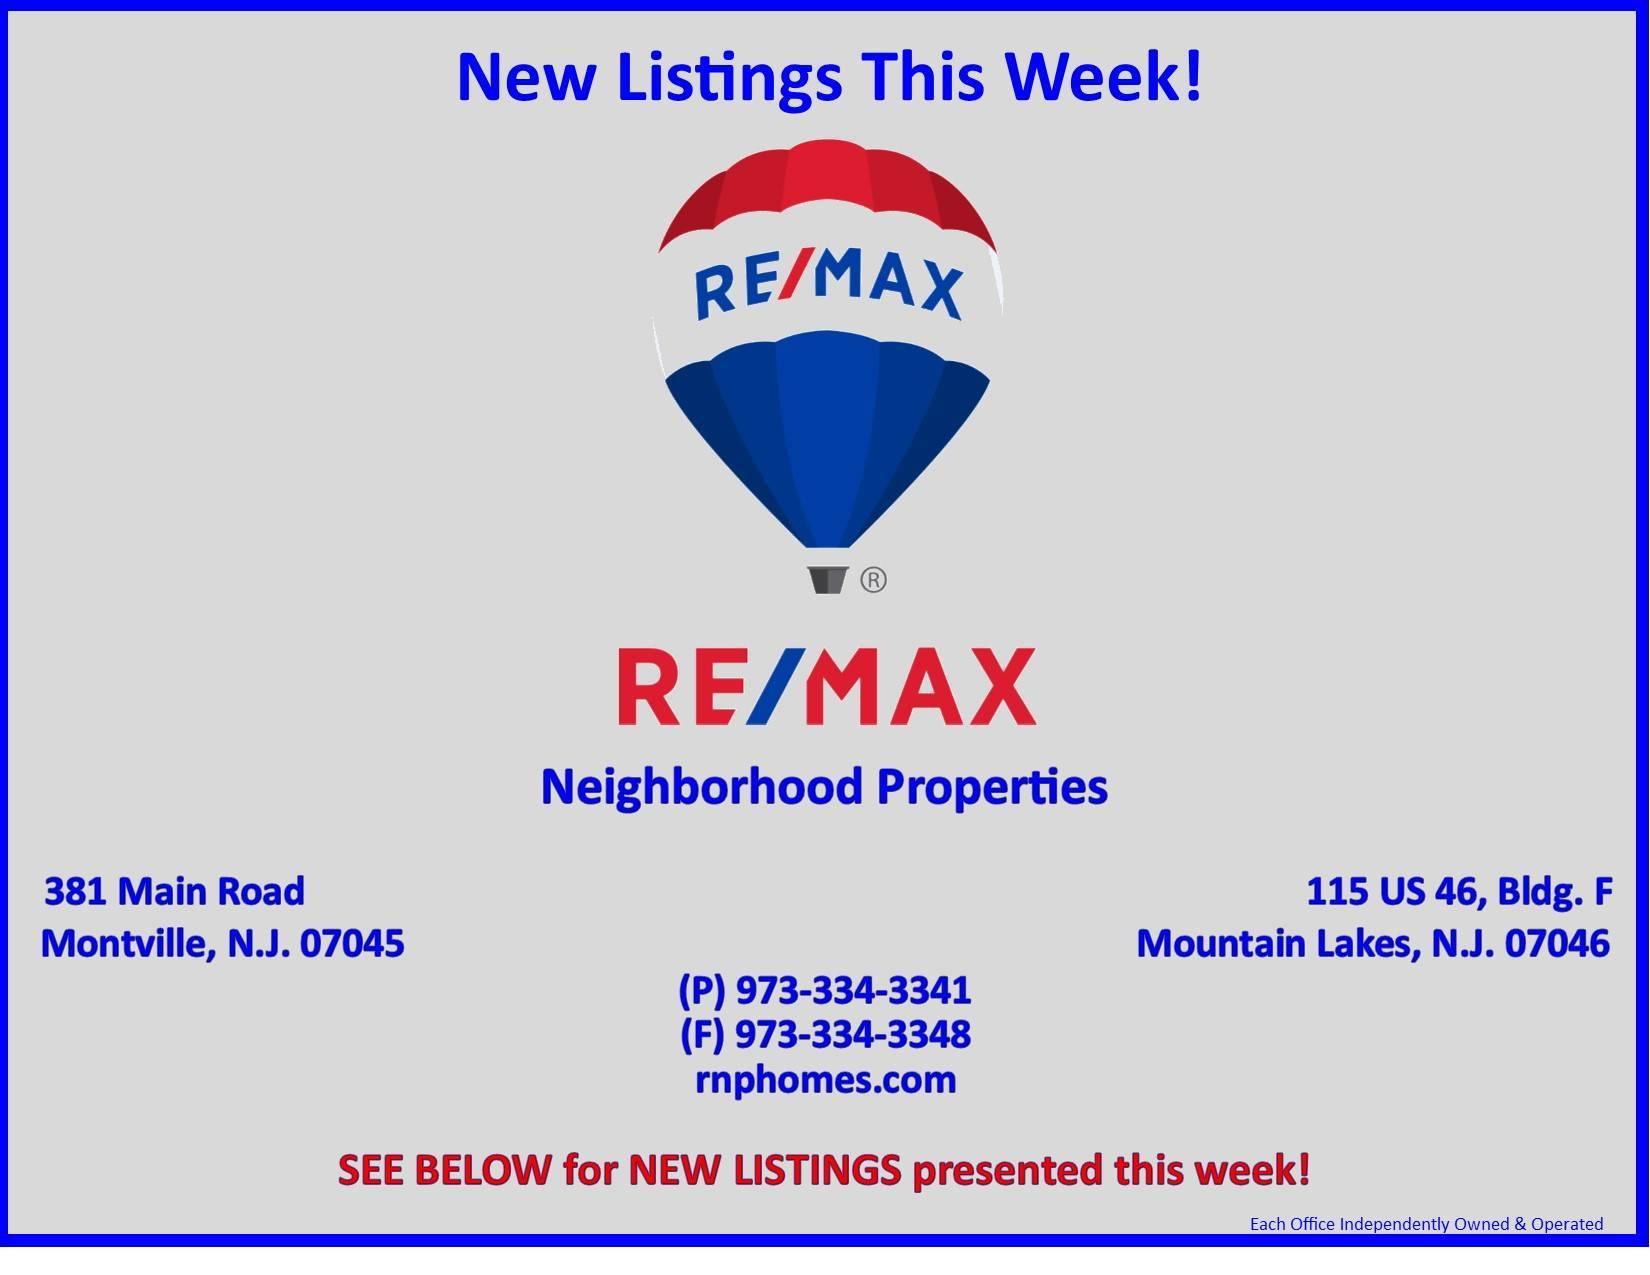 RE/MAX Neighborhood Properties New Listings